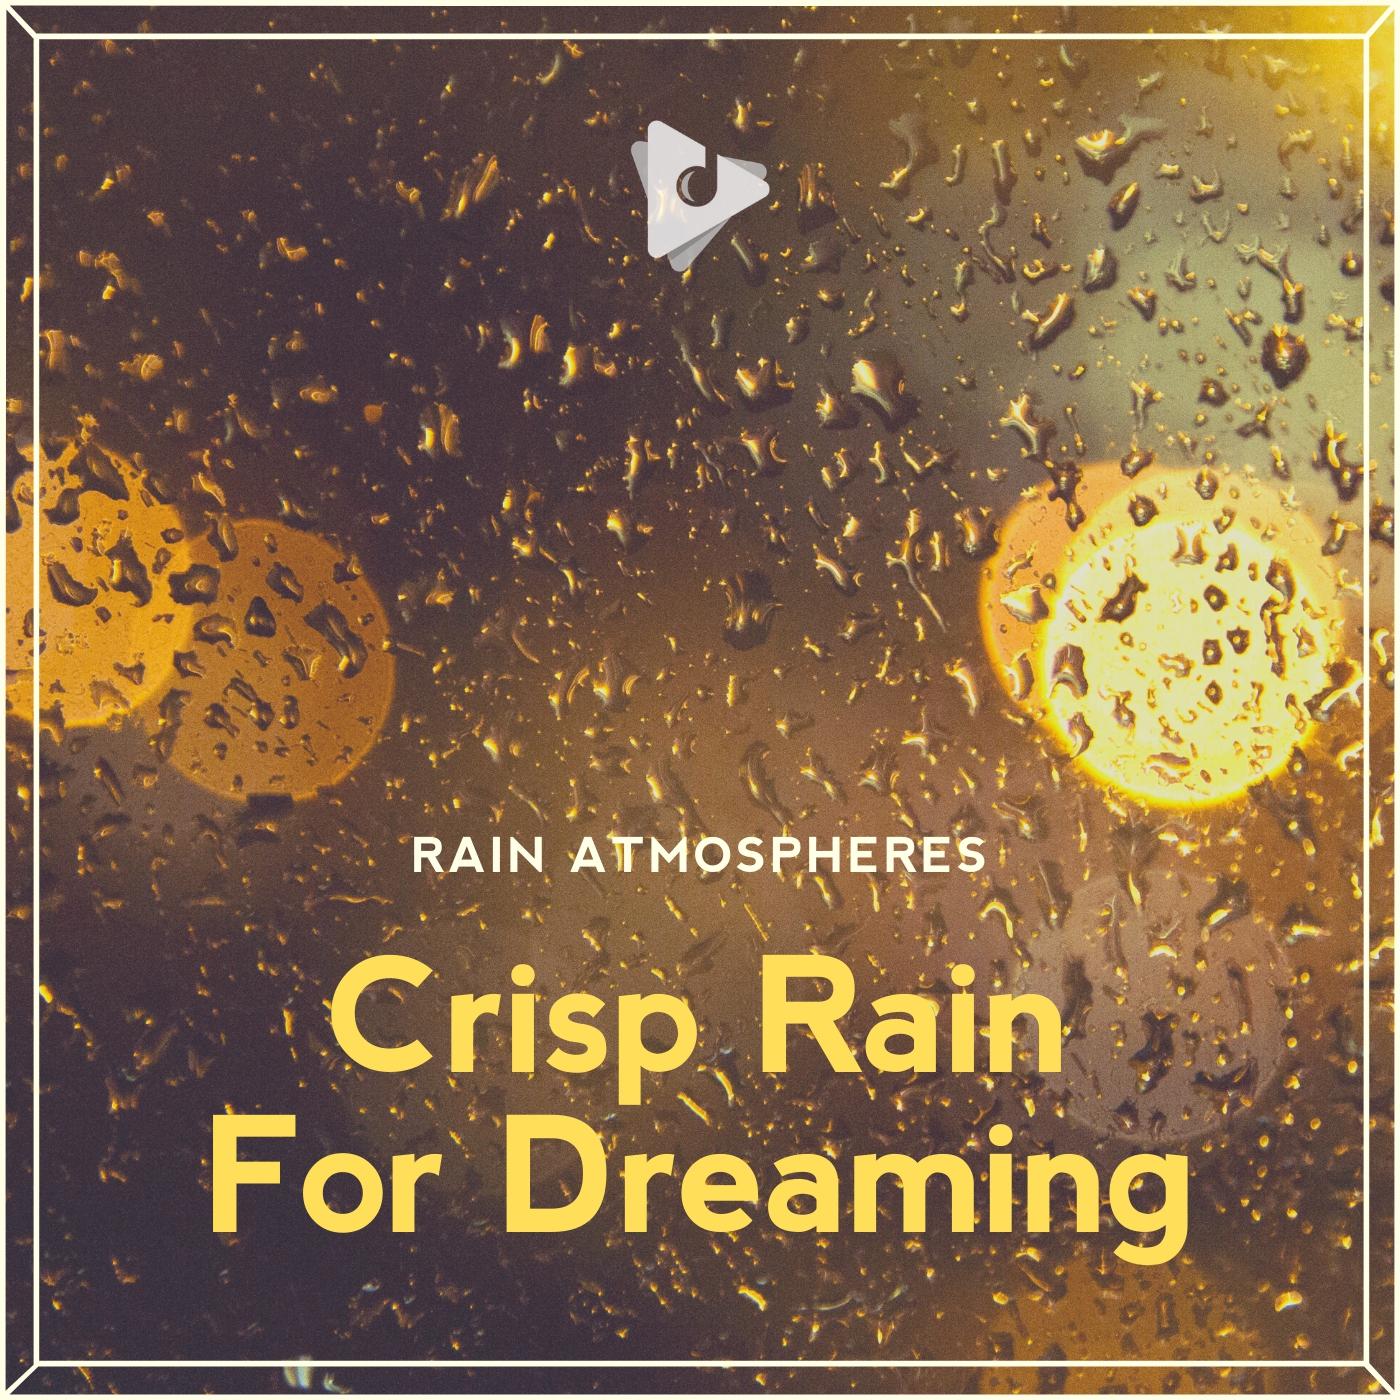 Crisp Rain For Dreaming